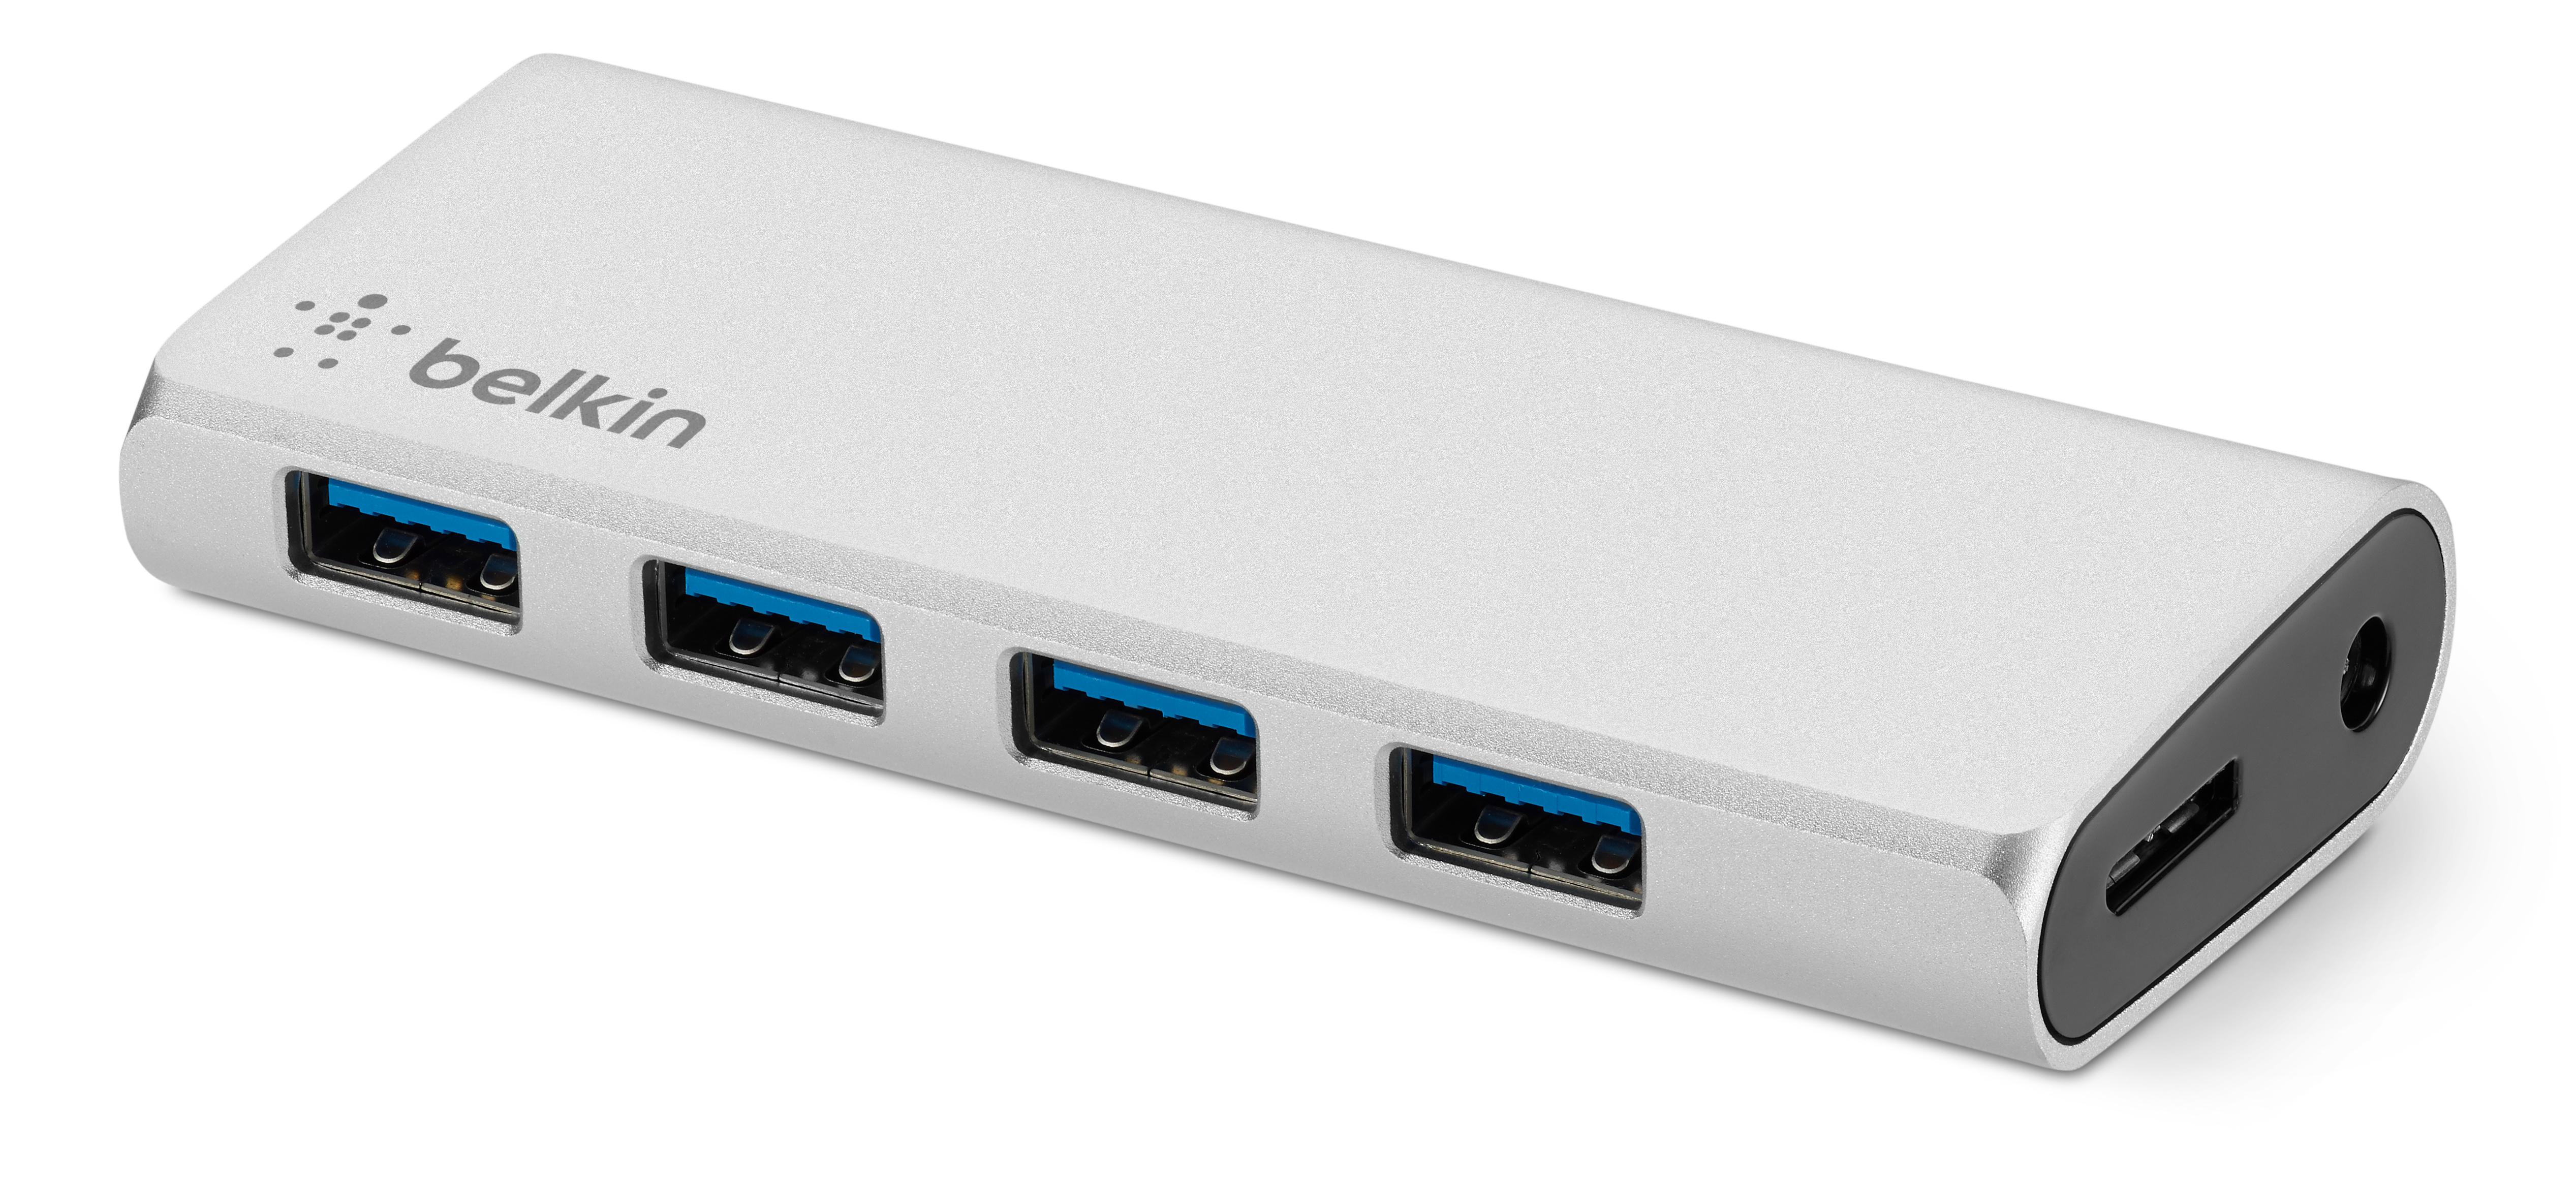 Usb Hub For Mac Mini